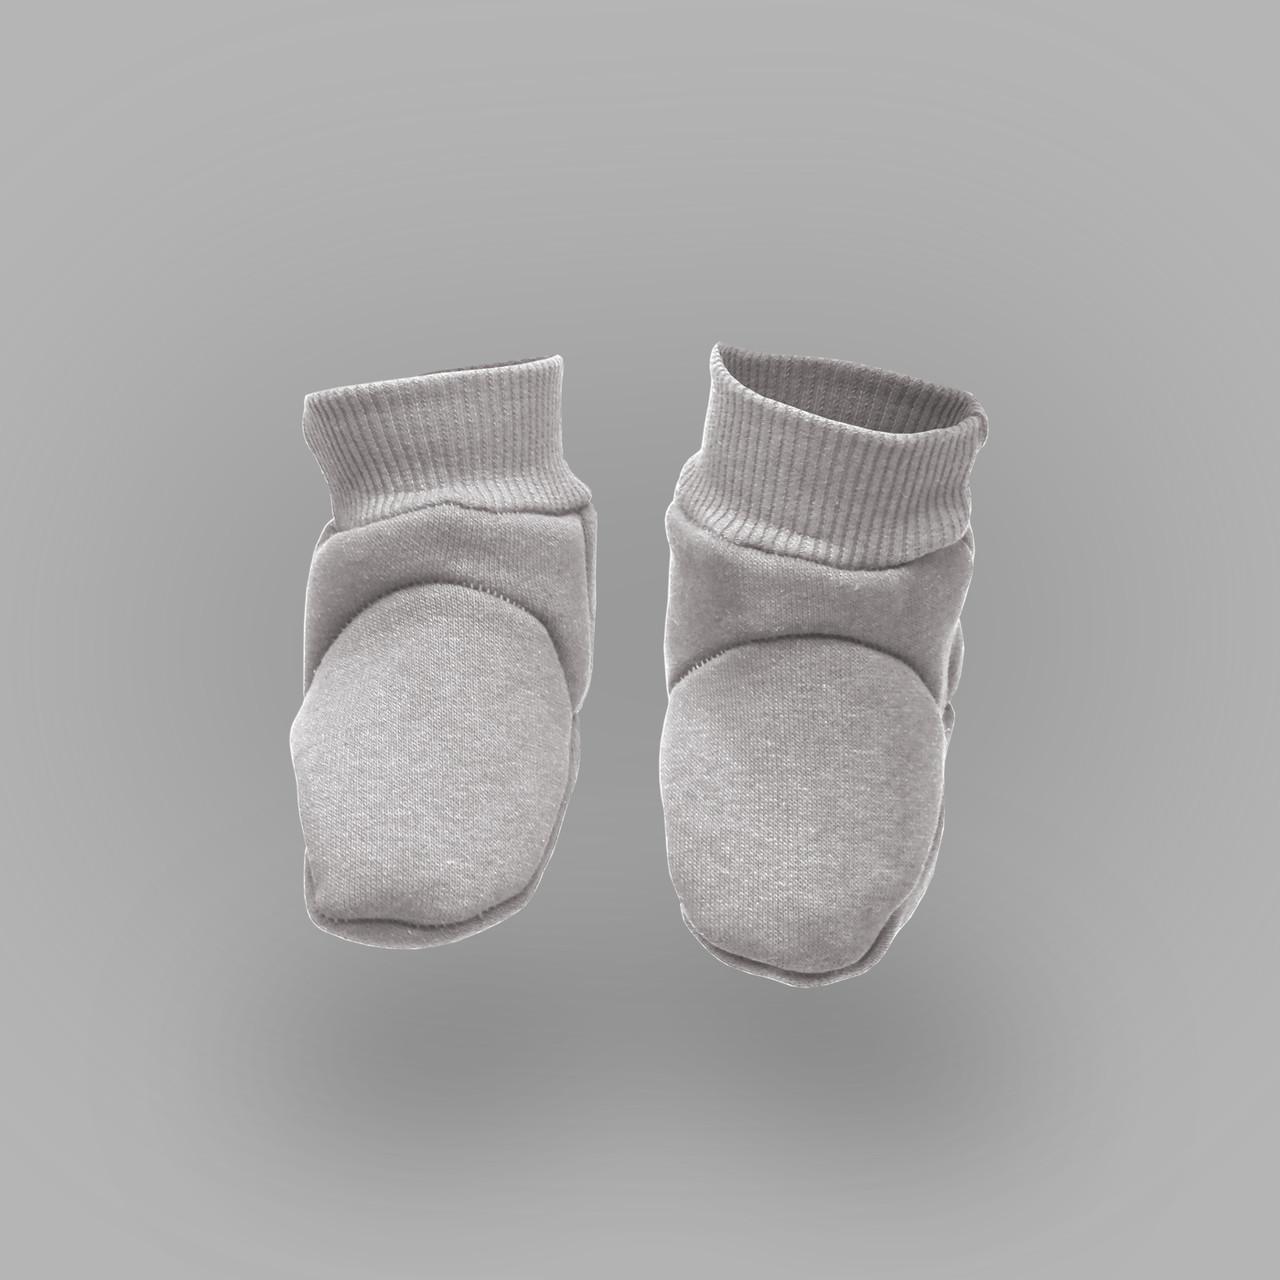 Пинетки для новорожденных Трехнитка на флисе. Цвет Серый меланж.